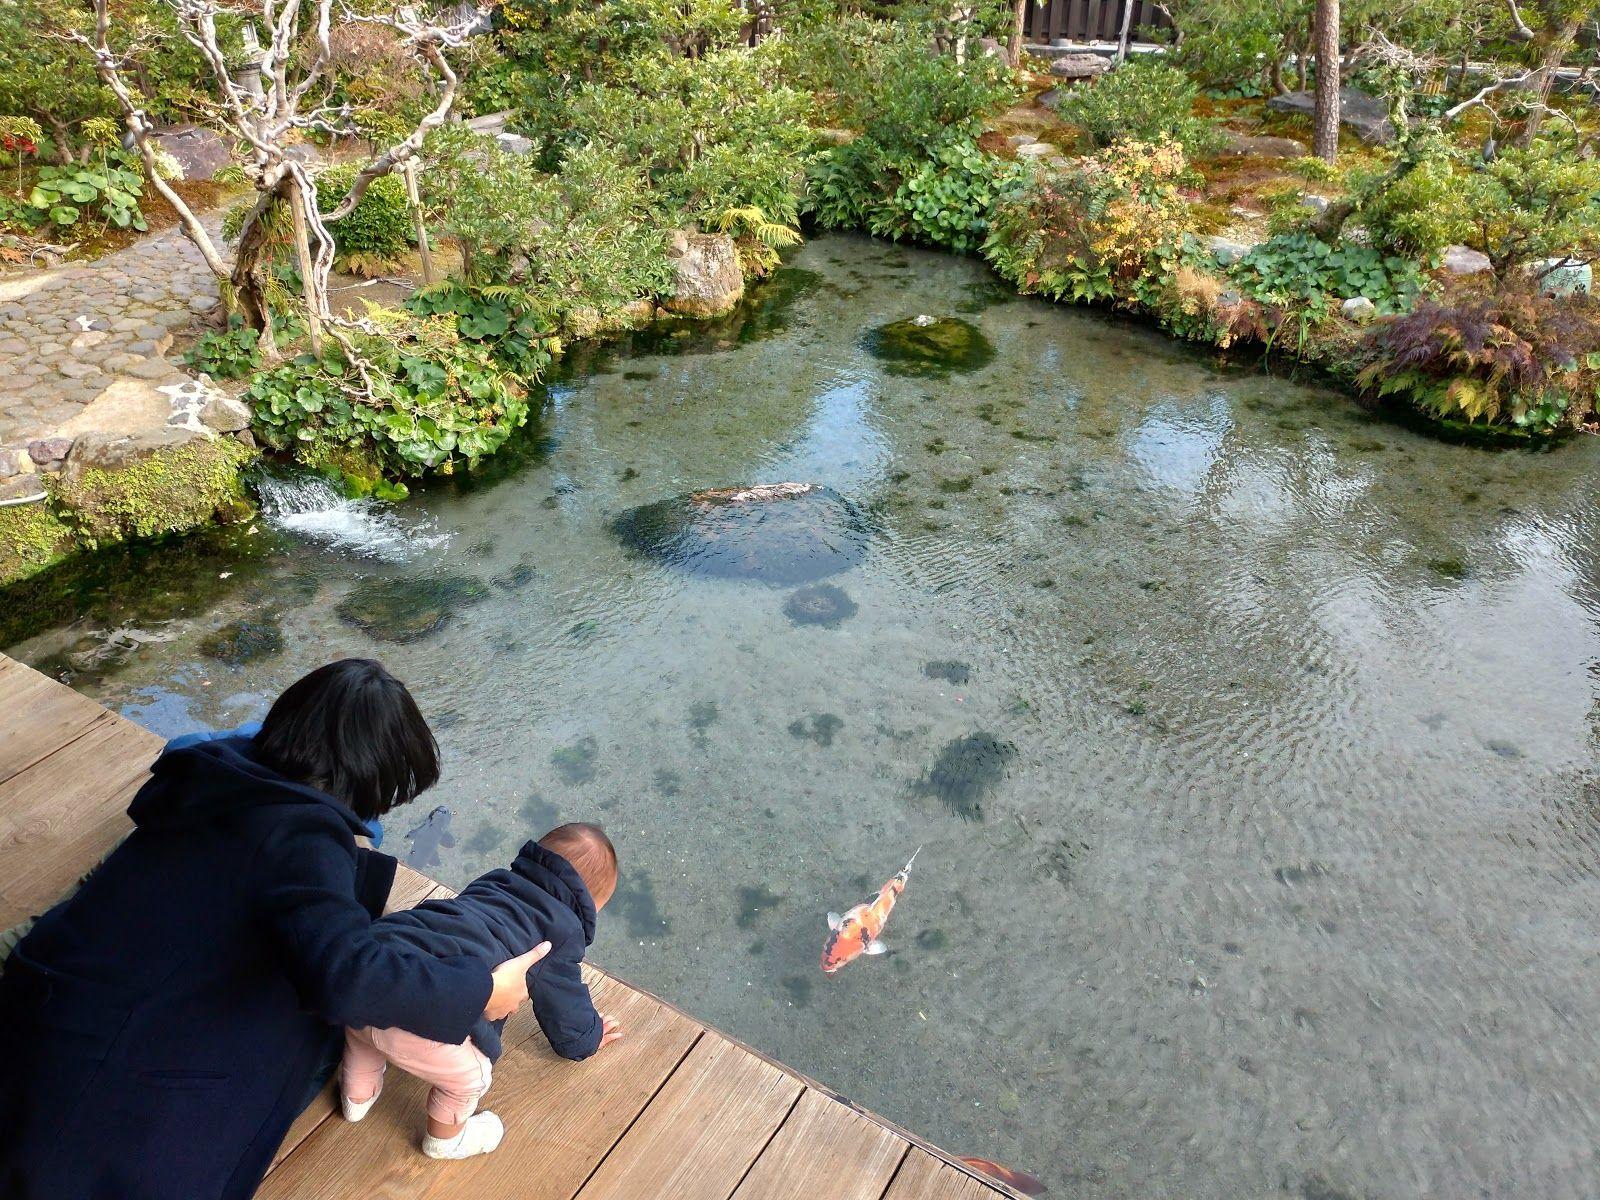 湧水庭園 四明荘 島原市 2021 庭園 訪問 観光